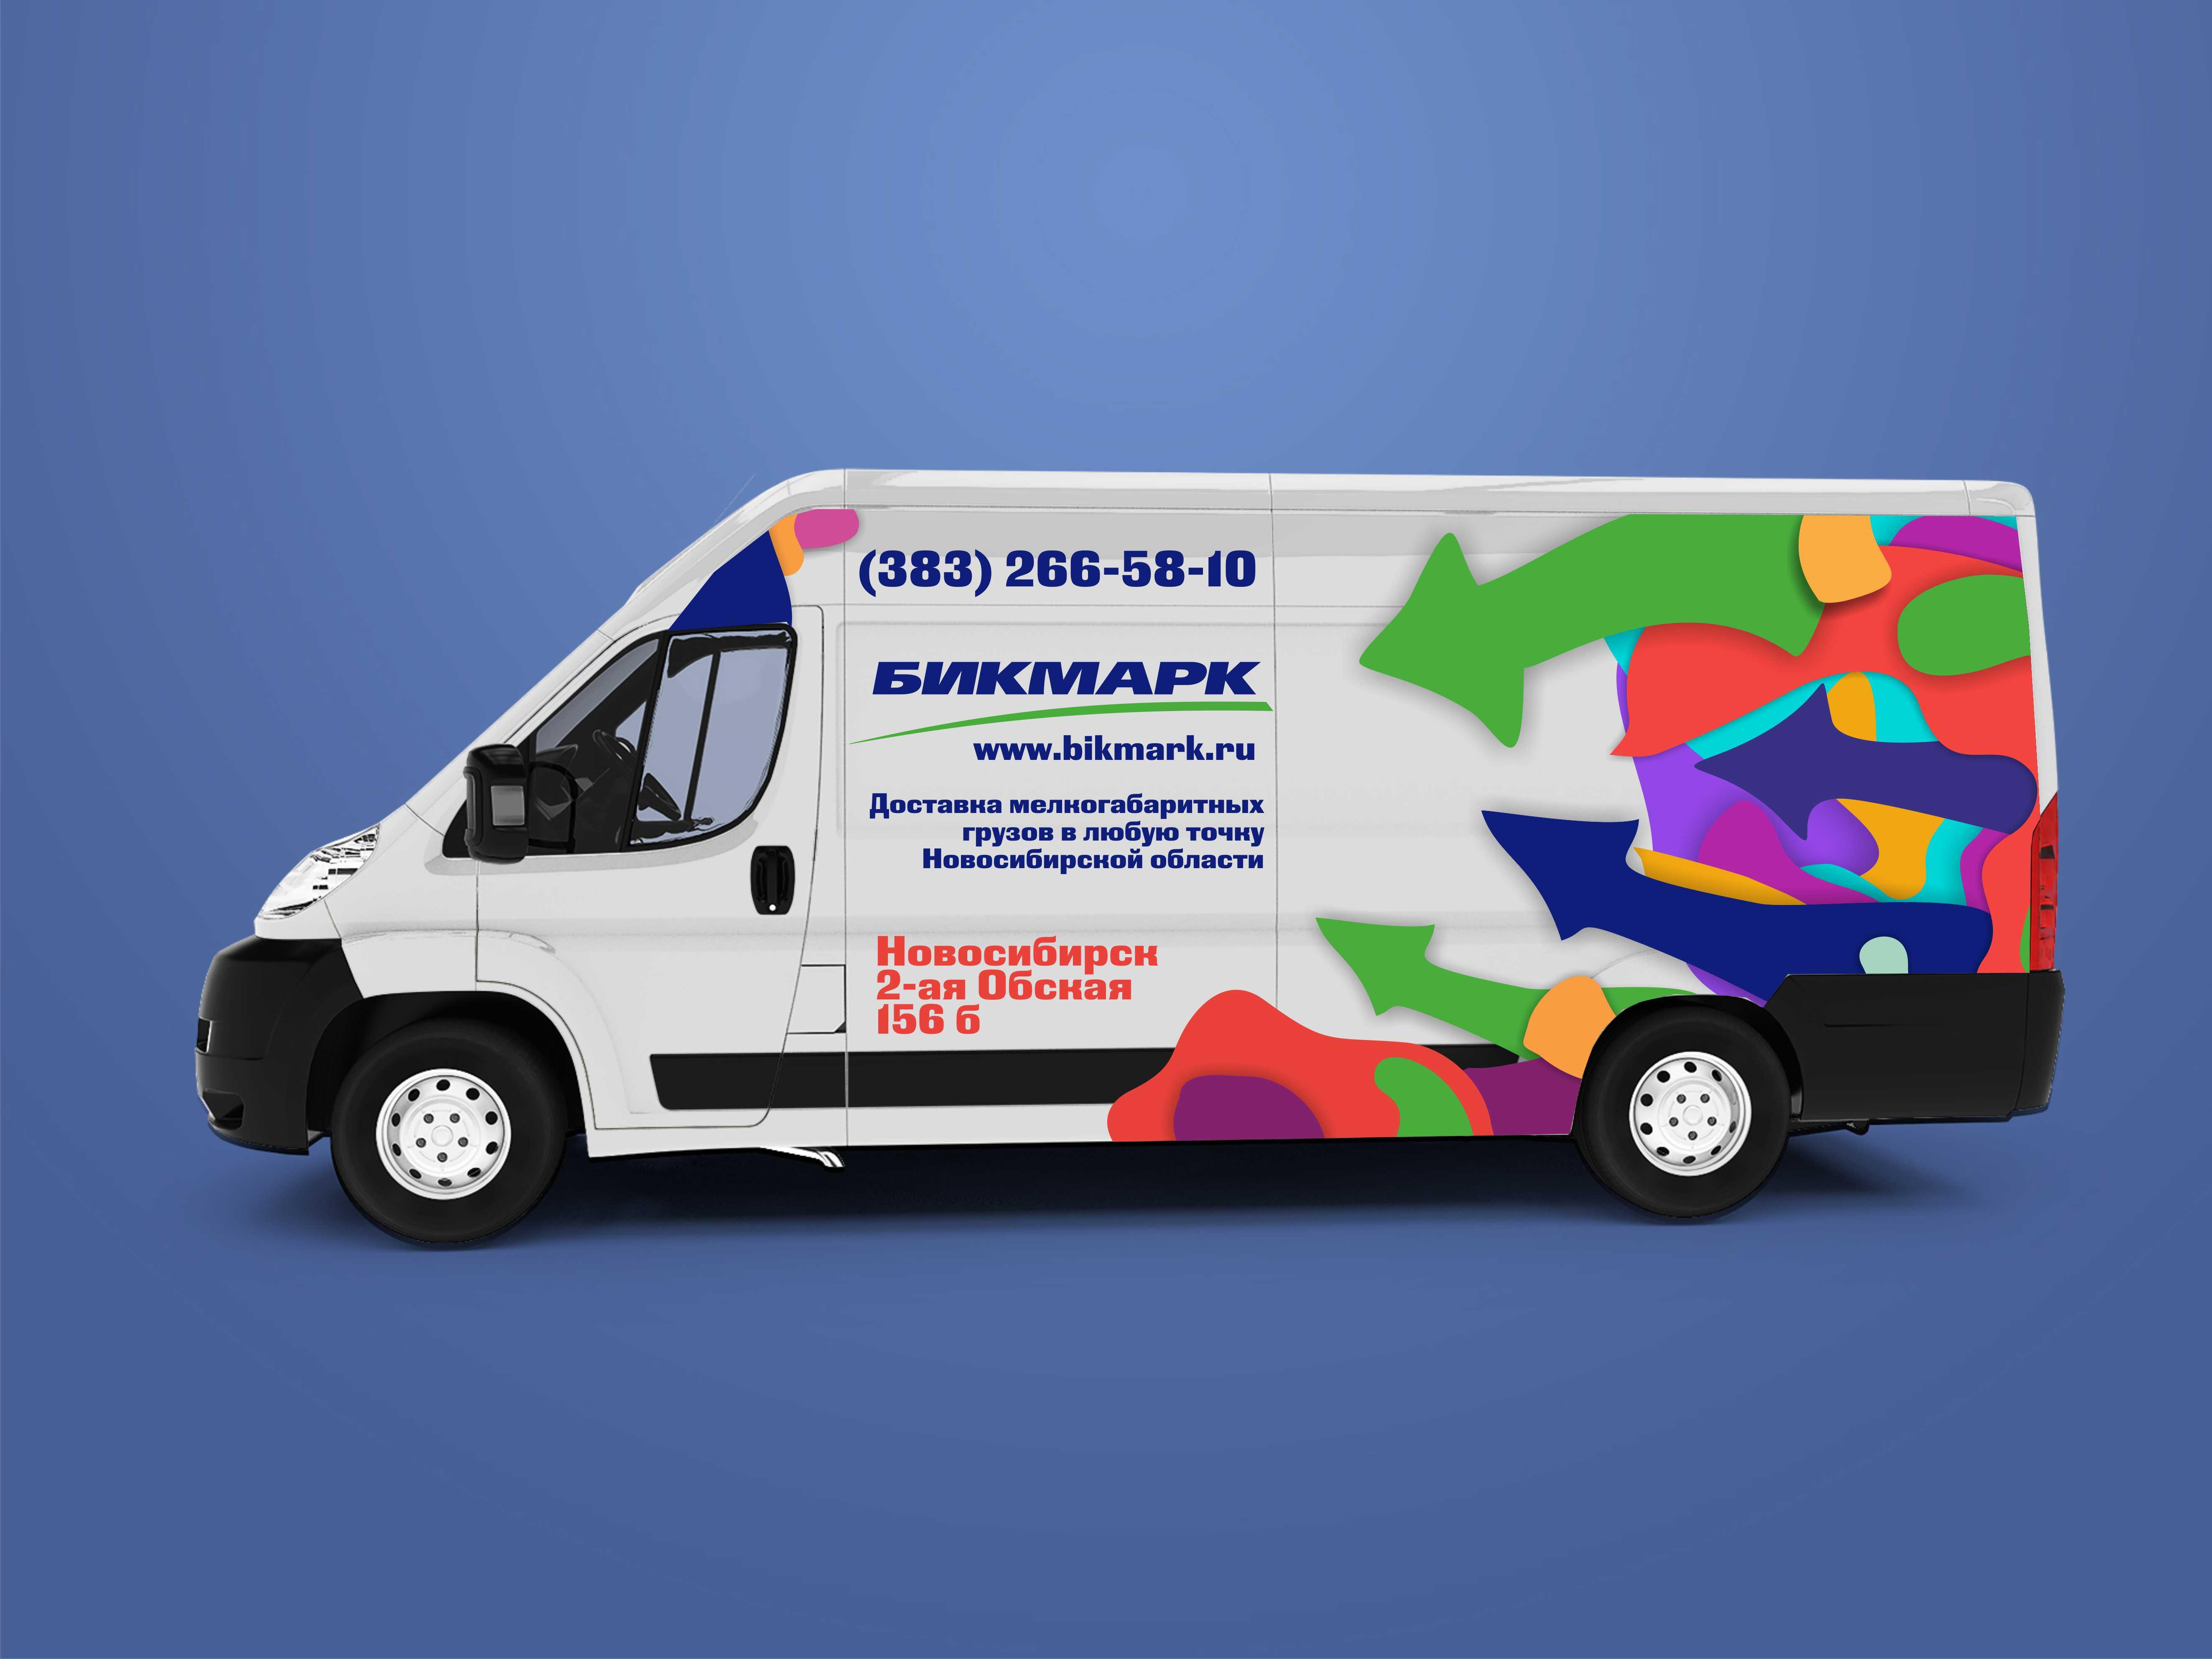 Разработка  рекламы на грузовые машины фото f_9435b2bda2316da0.jpg